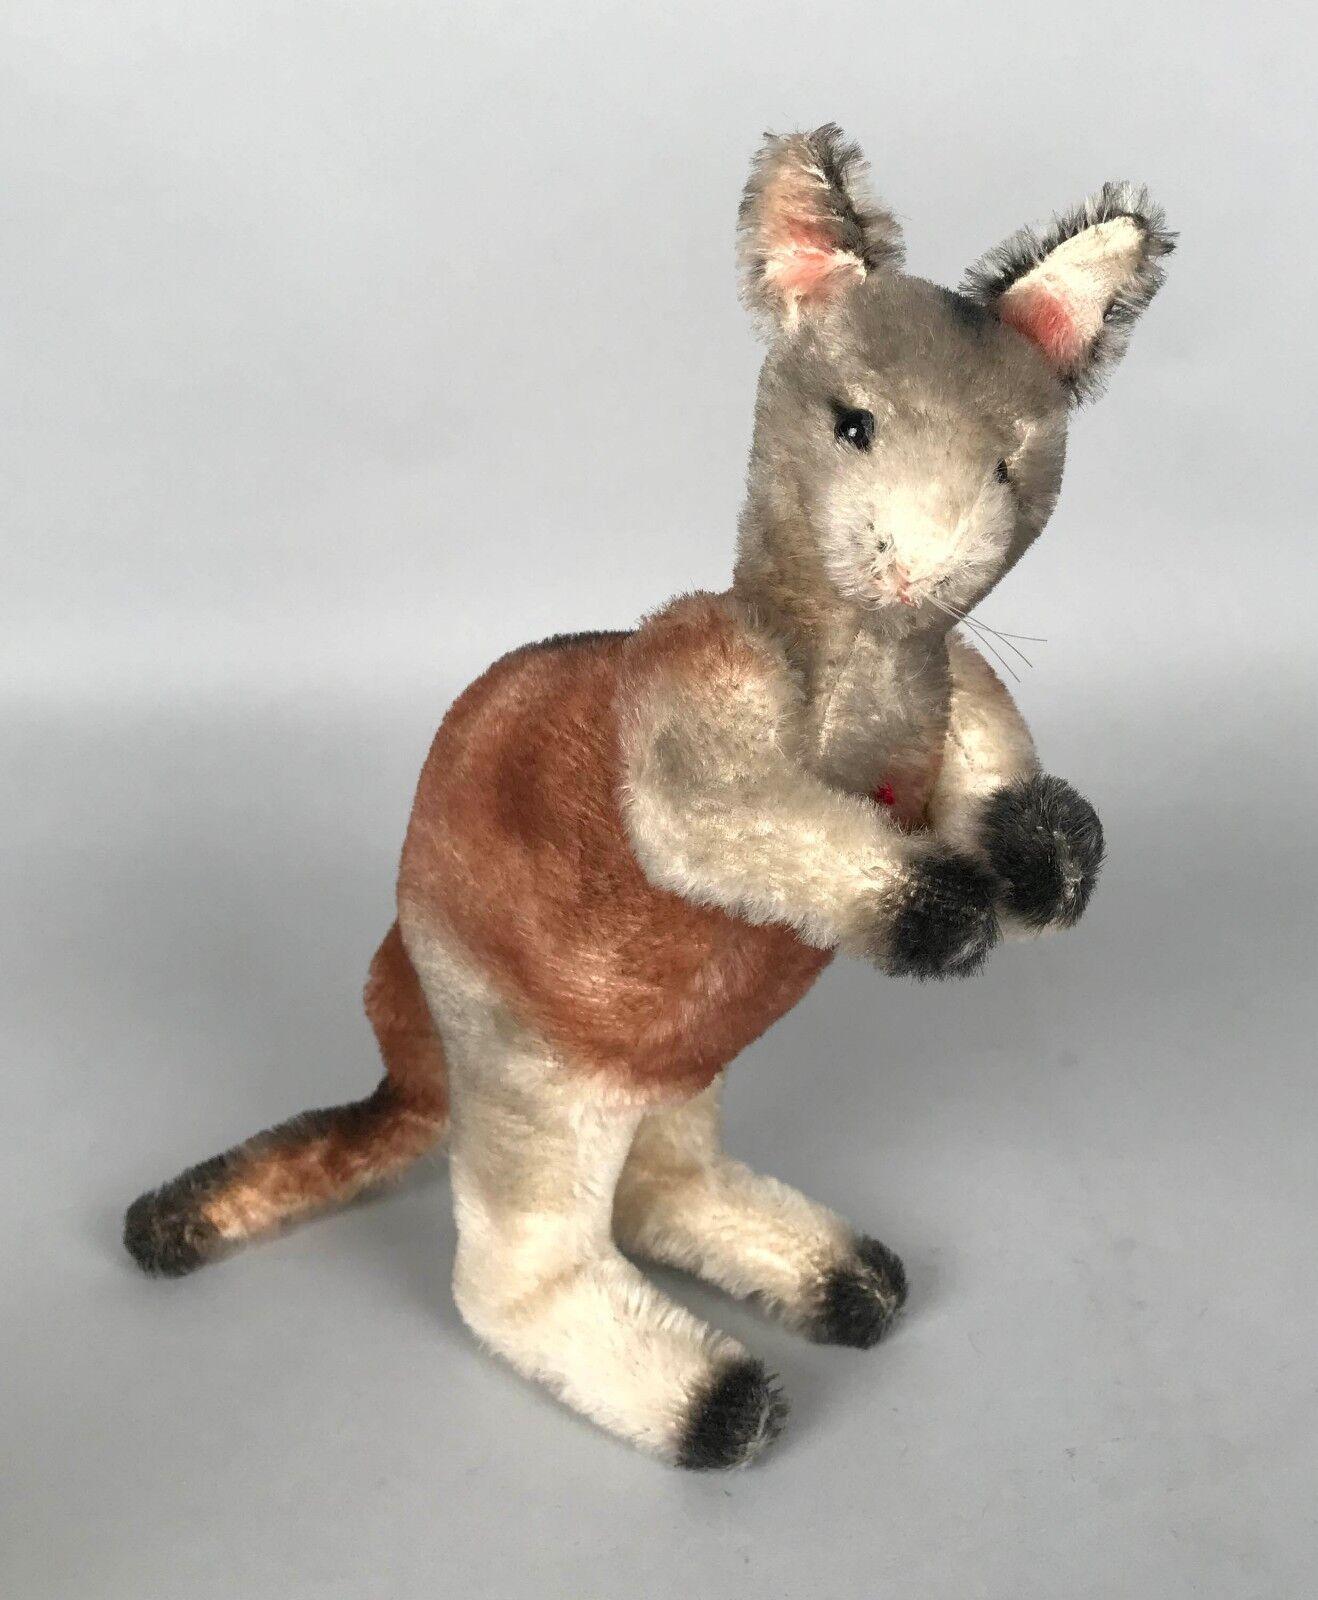 Vintage Steiff Kangaroo - 28 cm 11  Tall 1959-1967 - No tags